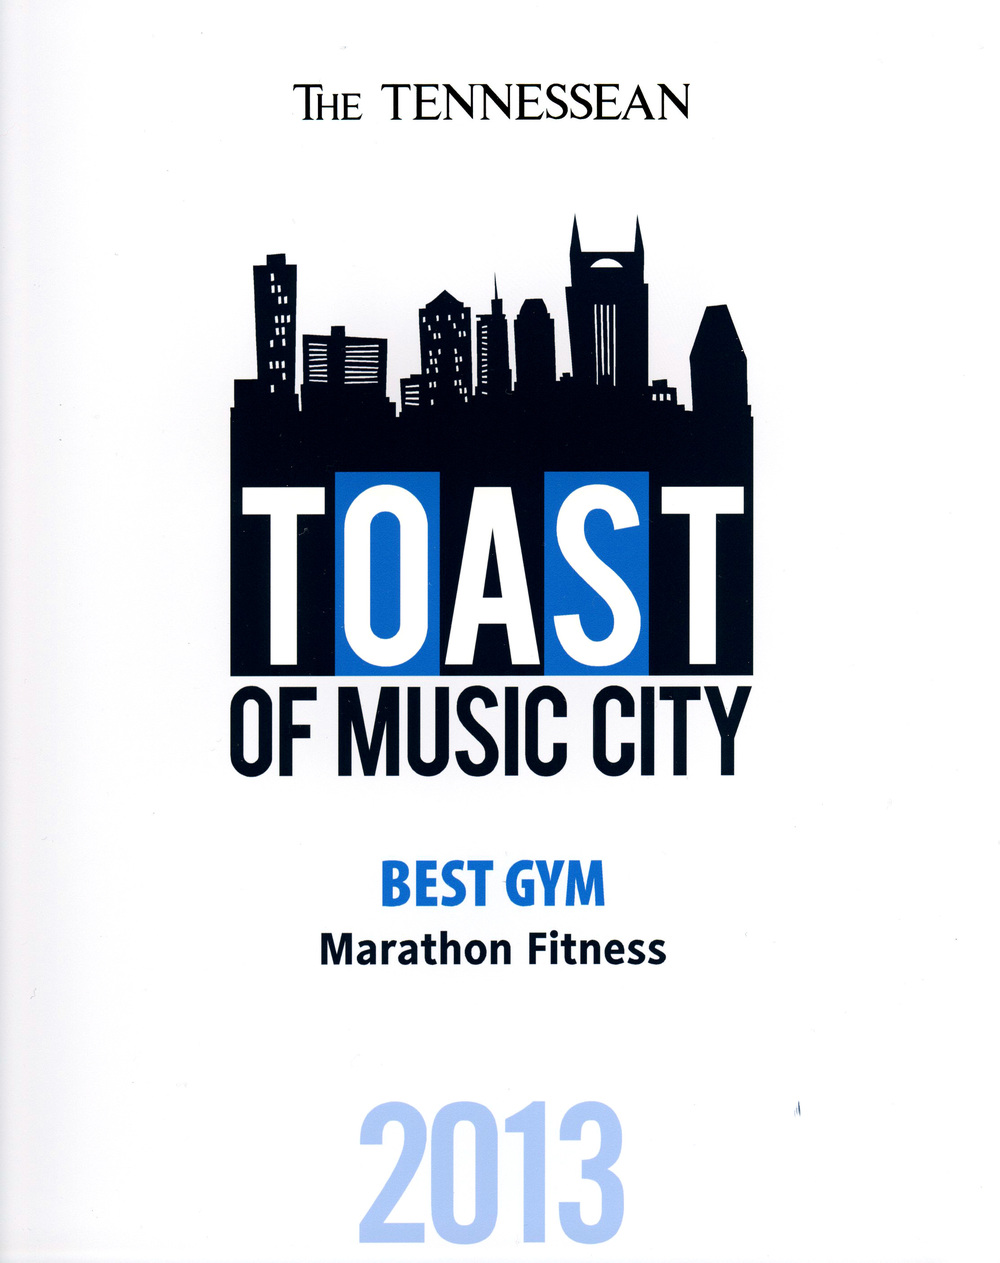 toast364.jpg